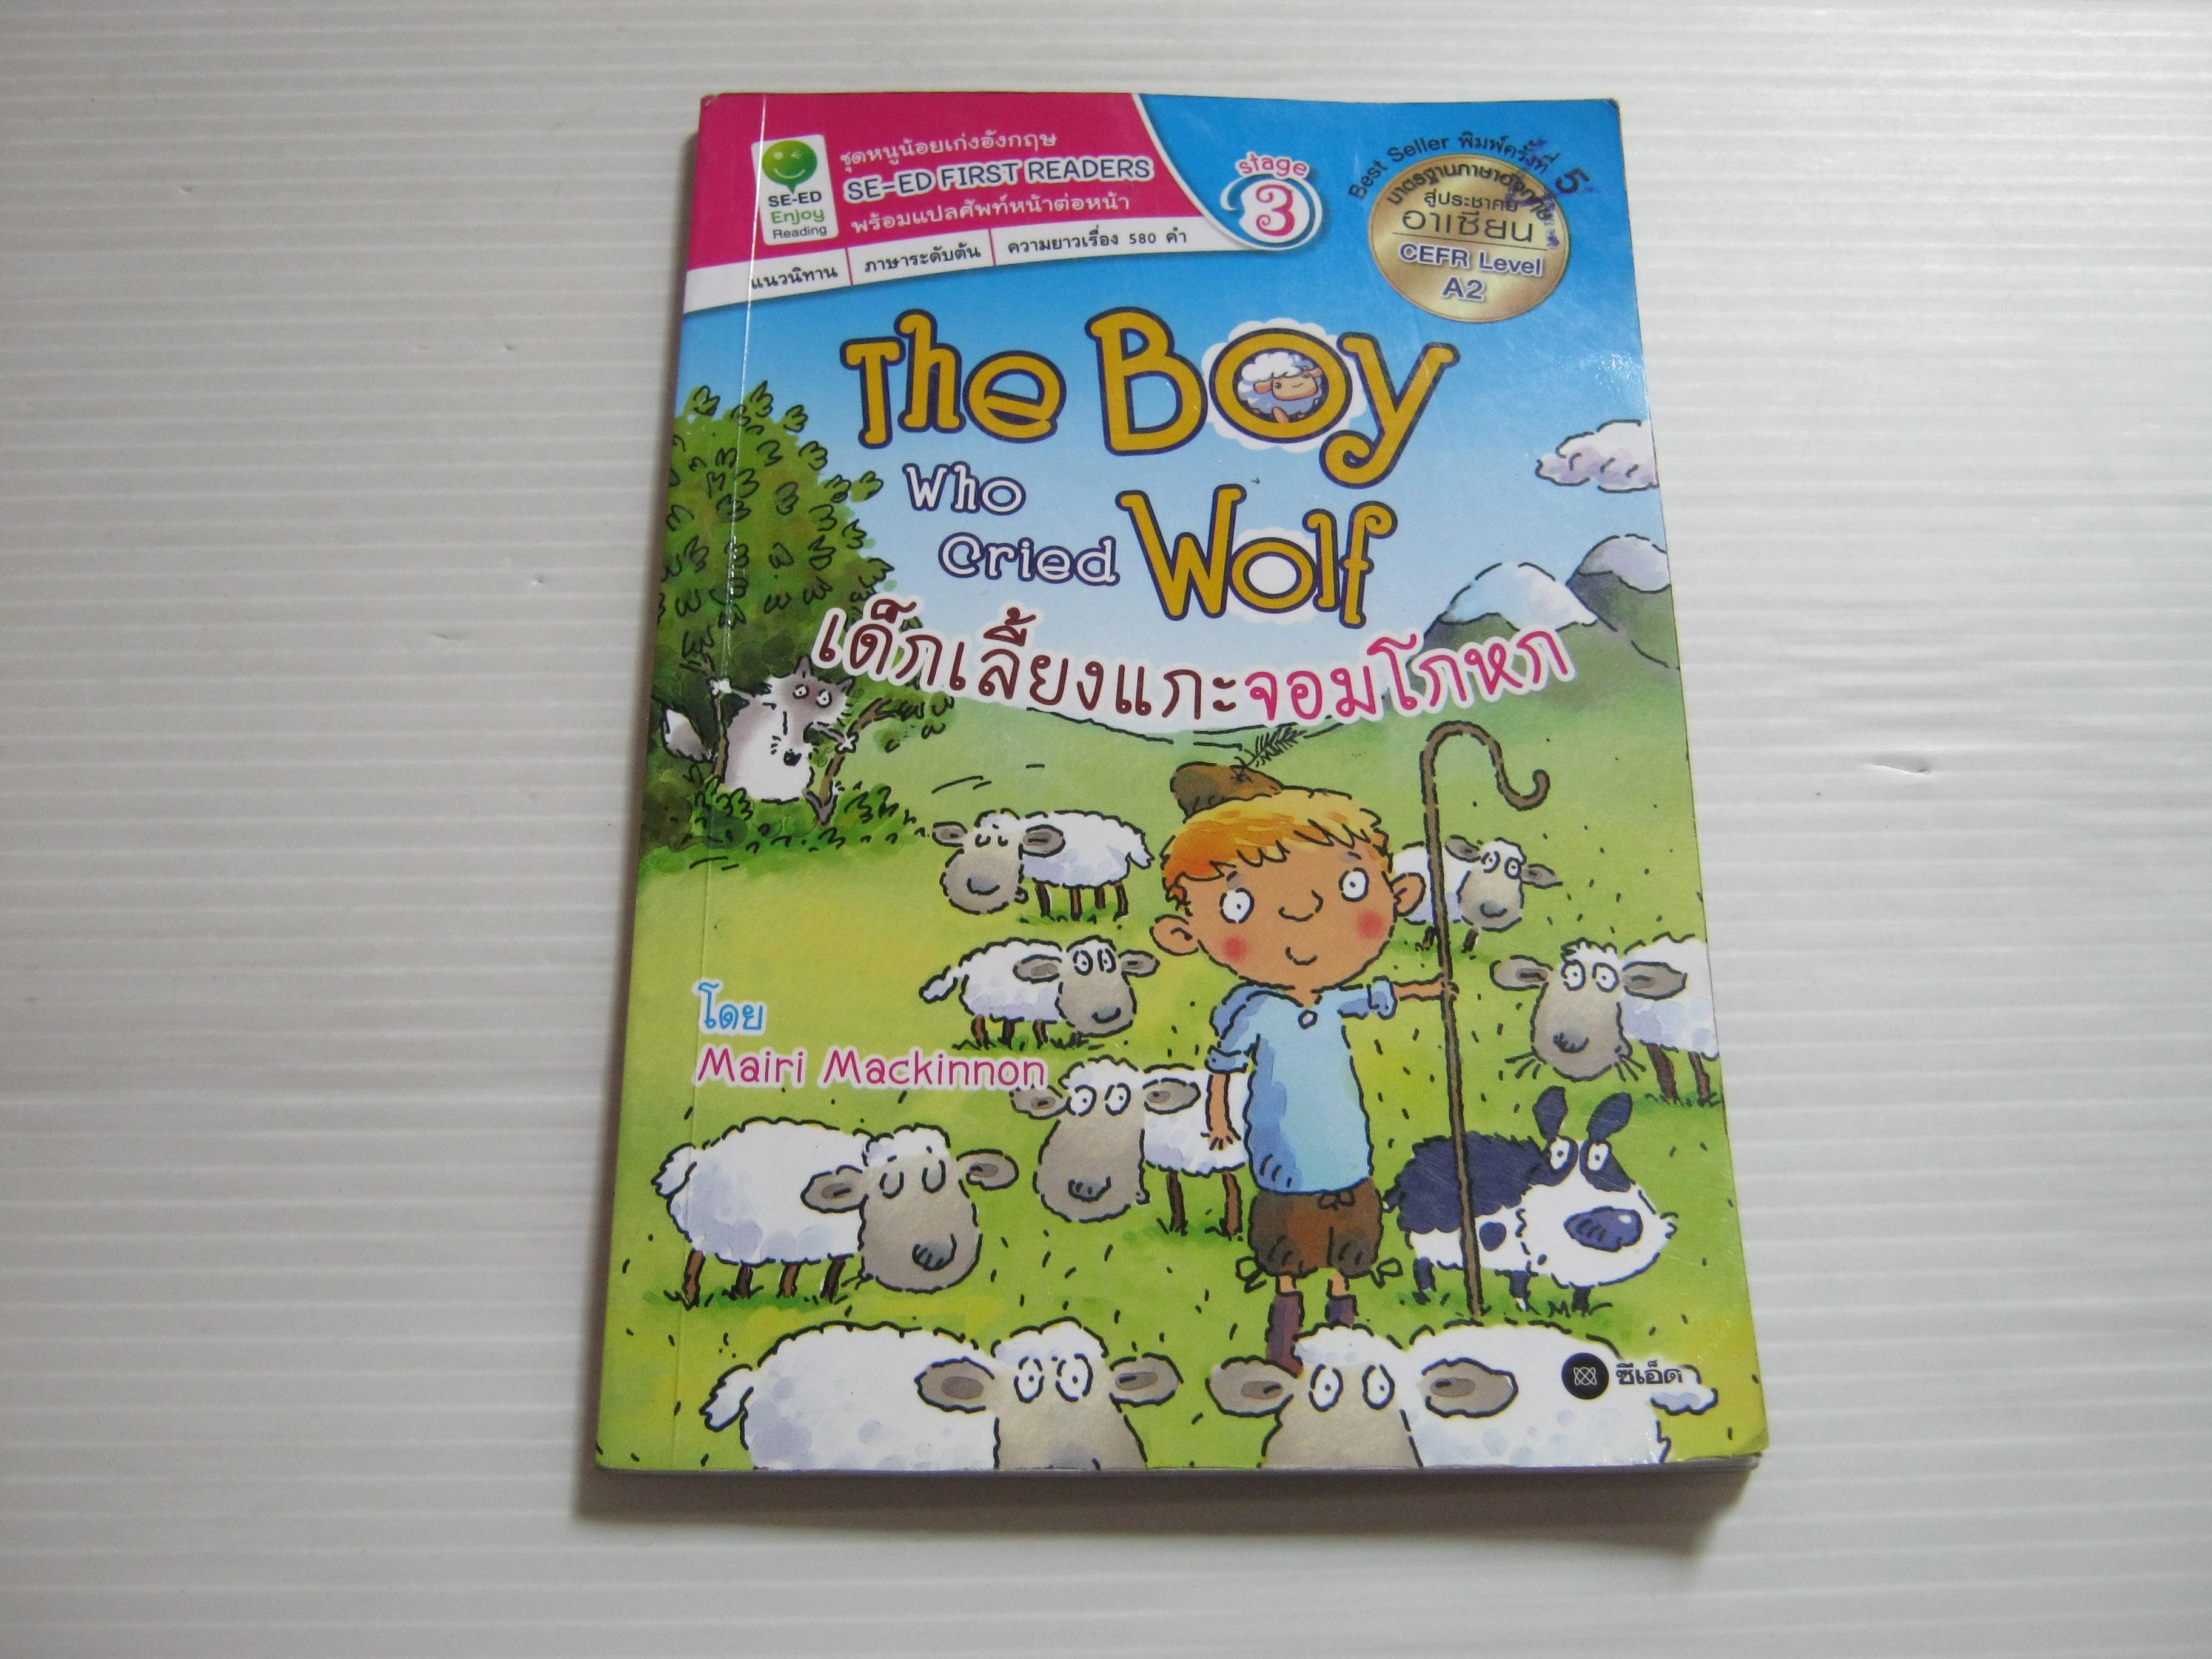 เด็กเลี้ยงแกะจอมโกหก (The Boy Who Cried Wolf) พิมพ์ครั้งที่ 5Mairi Mackinnon เขียน